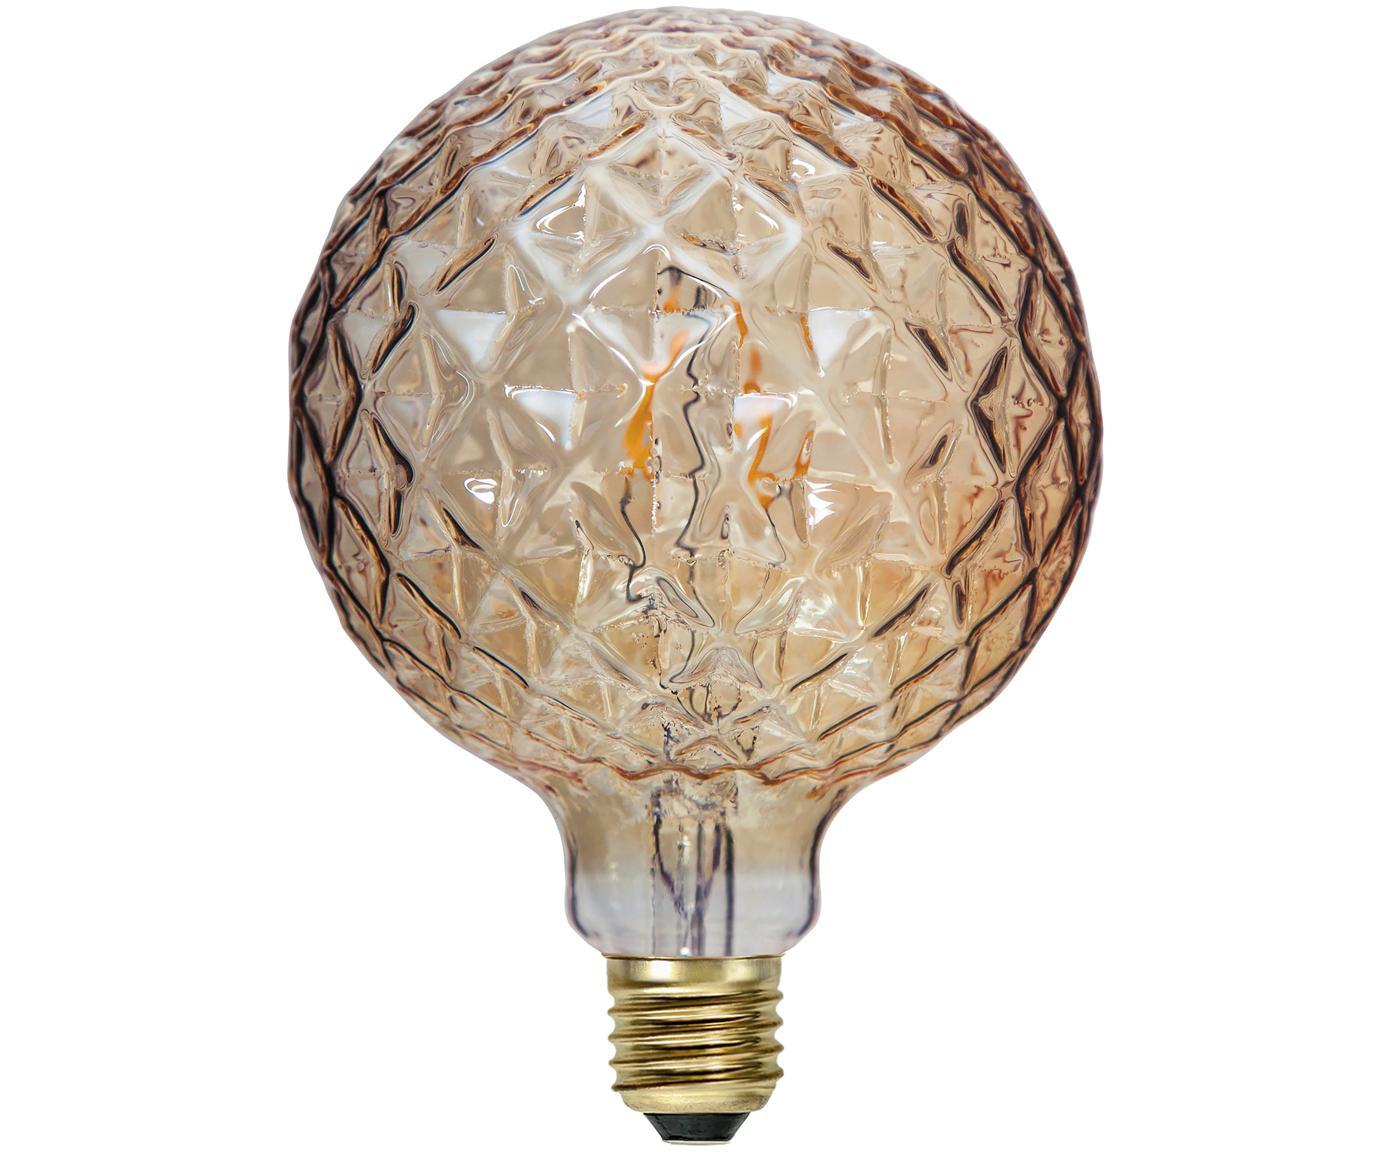 Bombilla LED grande Soft Glow (E27/2.2W), Ampolla: vidrio, Casquillo: Latón, Ámbar, Ø 13 x Al 18 cm